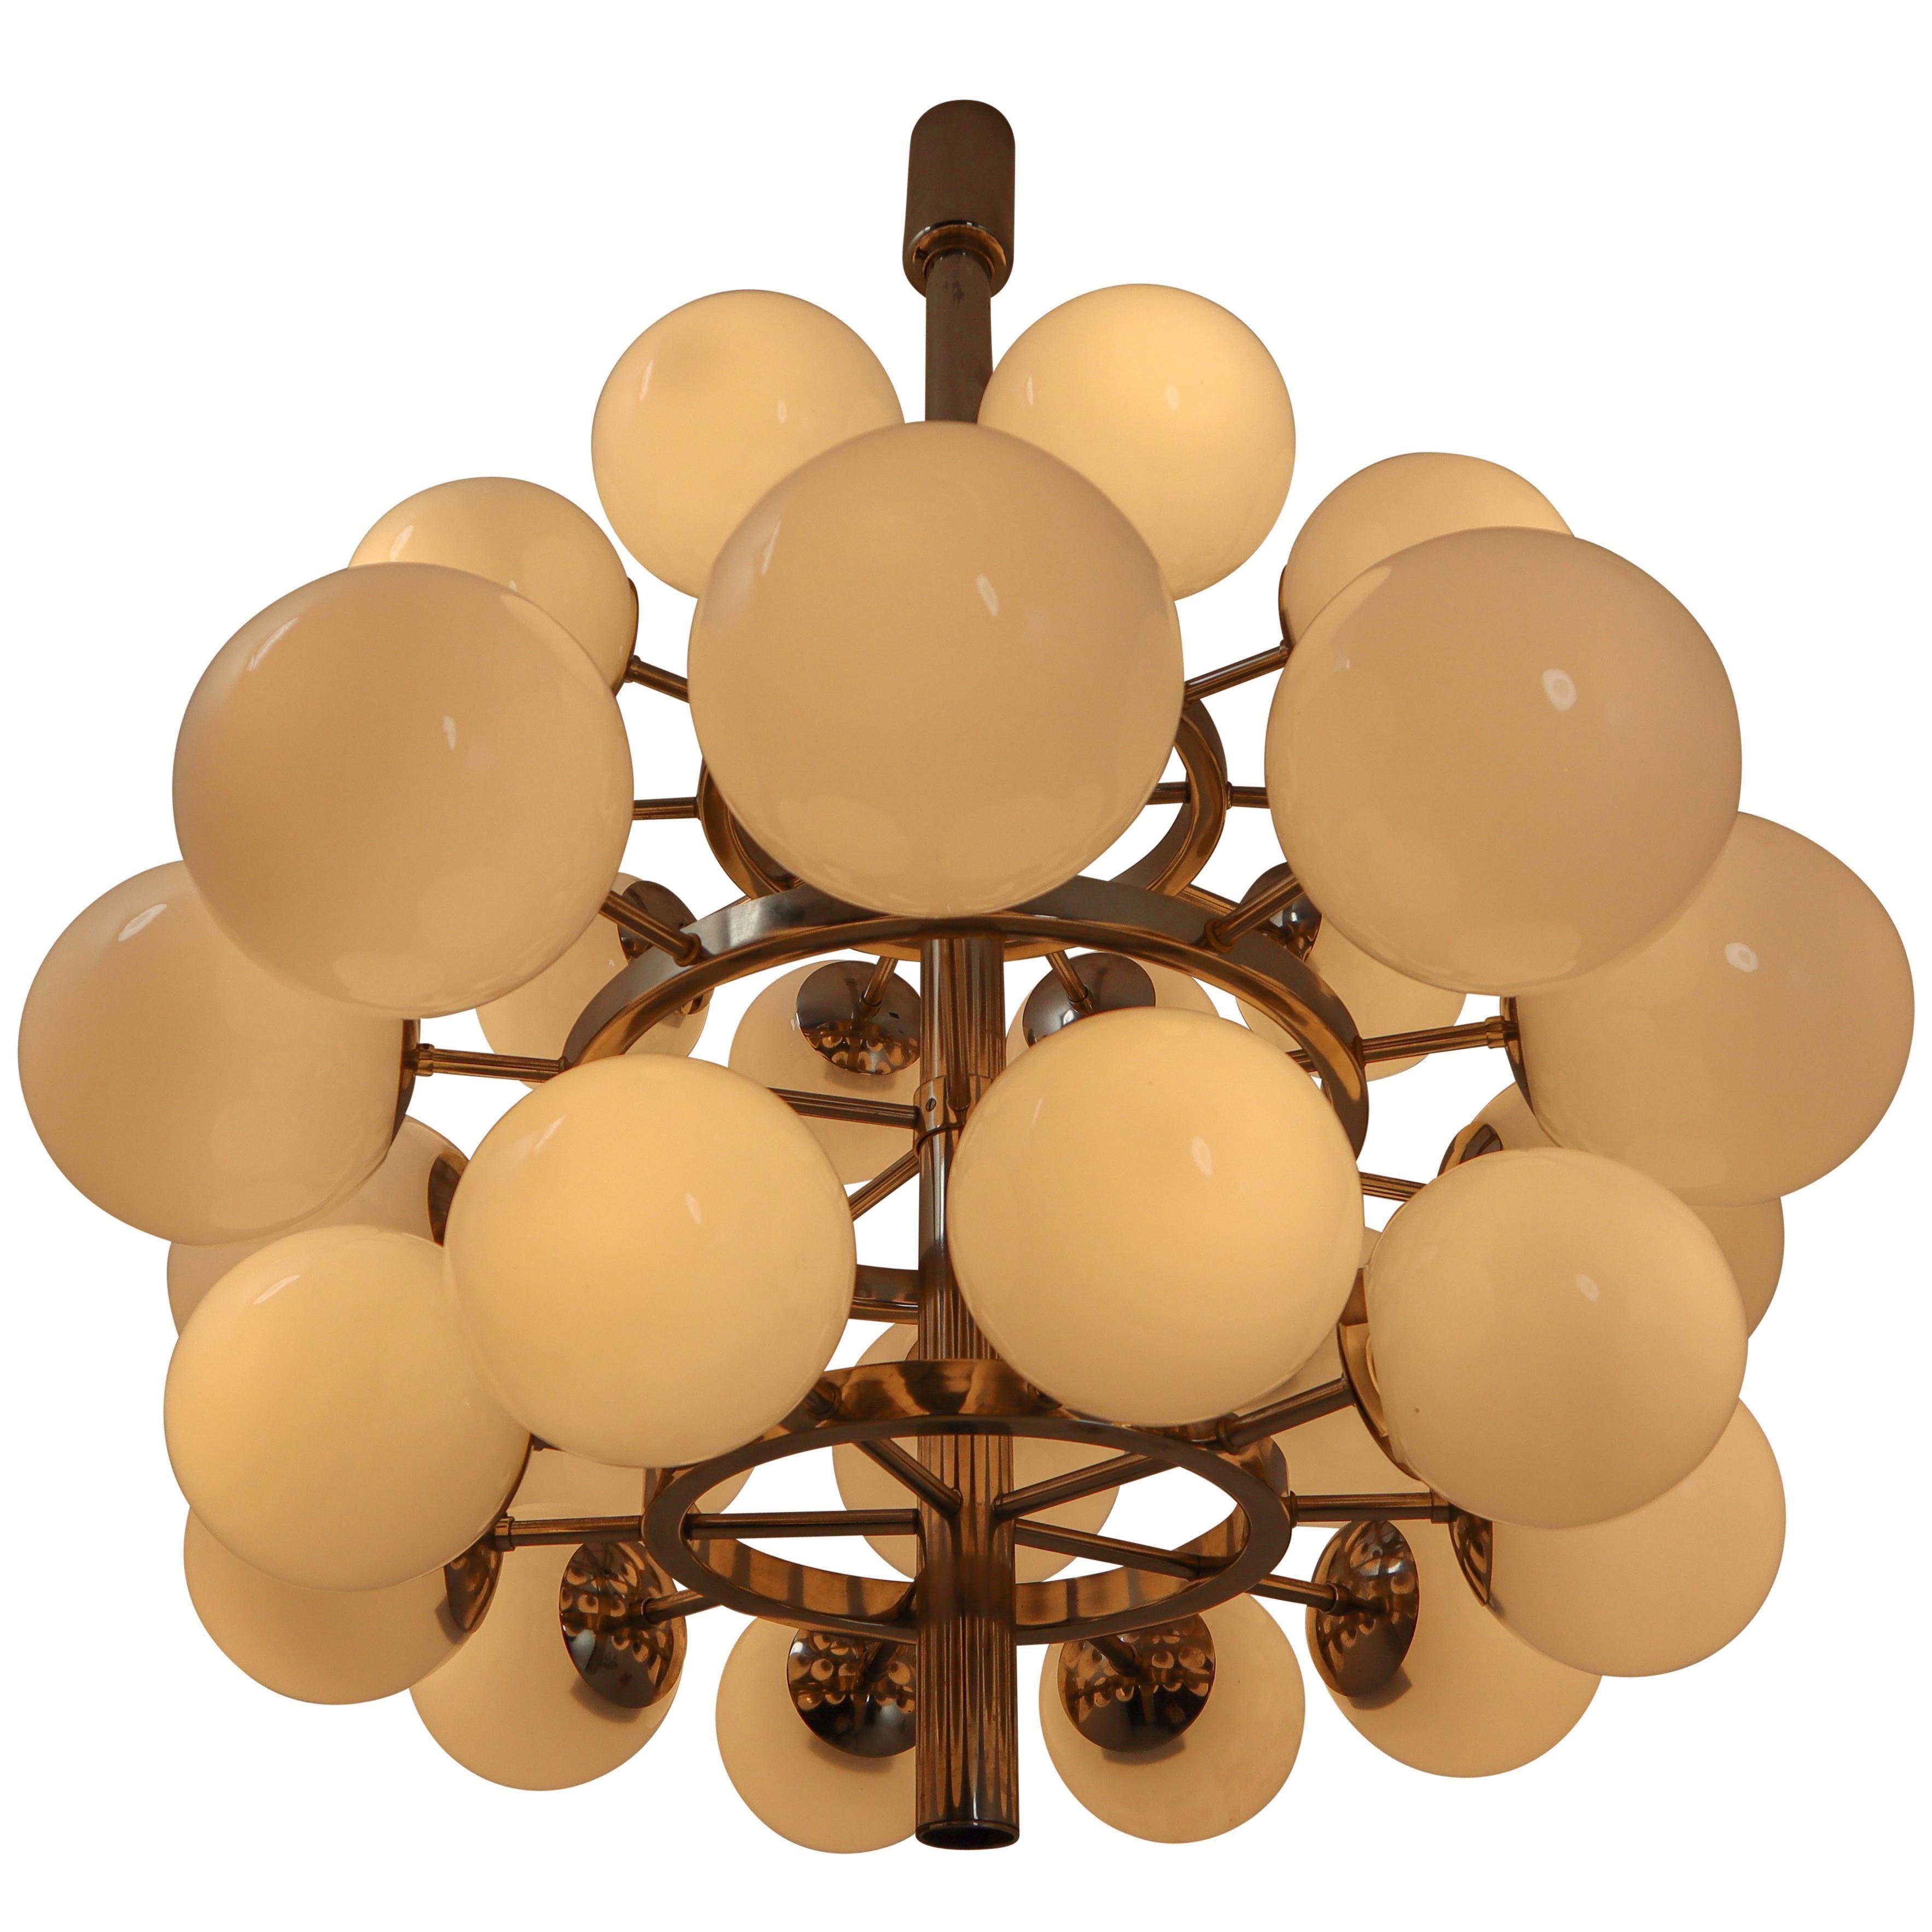 Mid-Century Modernist Chandelier with 30 Handblown Opaline Glass Globes